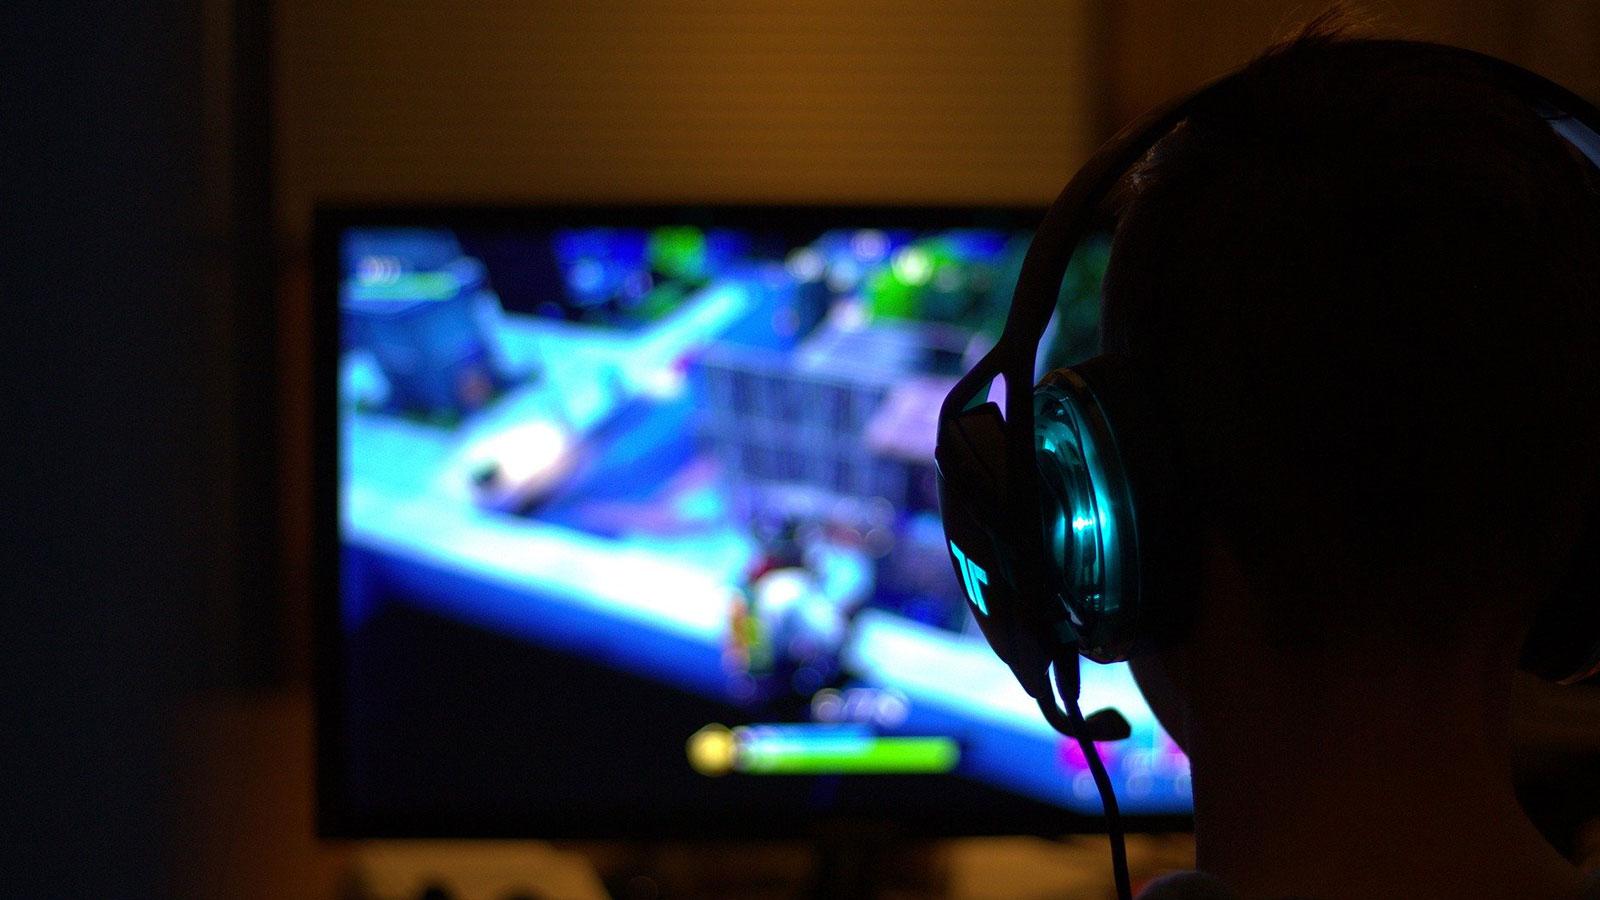 L'OMS recommande de jouer aux jeux vidéo en cette période de crise